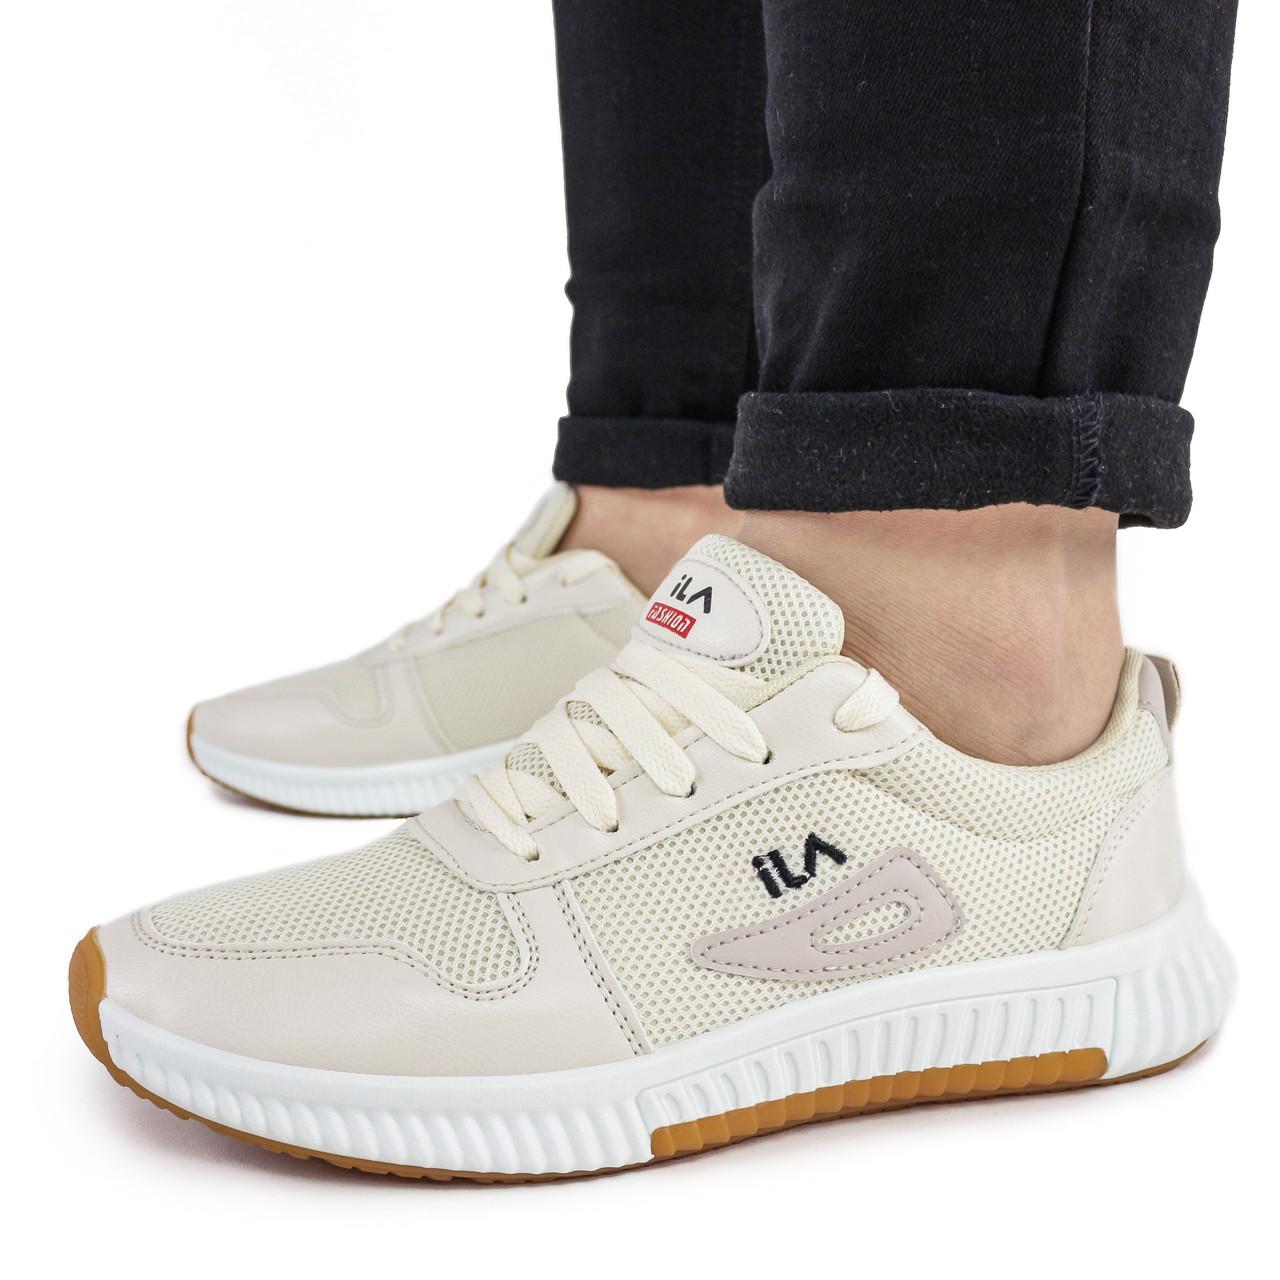 Женские кроссовки Dual ILA Fashion бежевые демисезонные 41 р. - 27 см (1339003777)